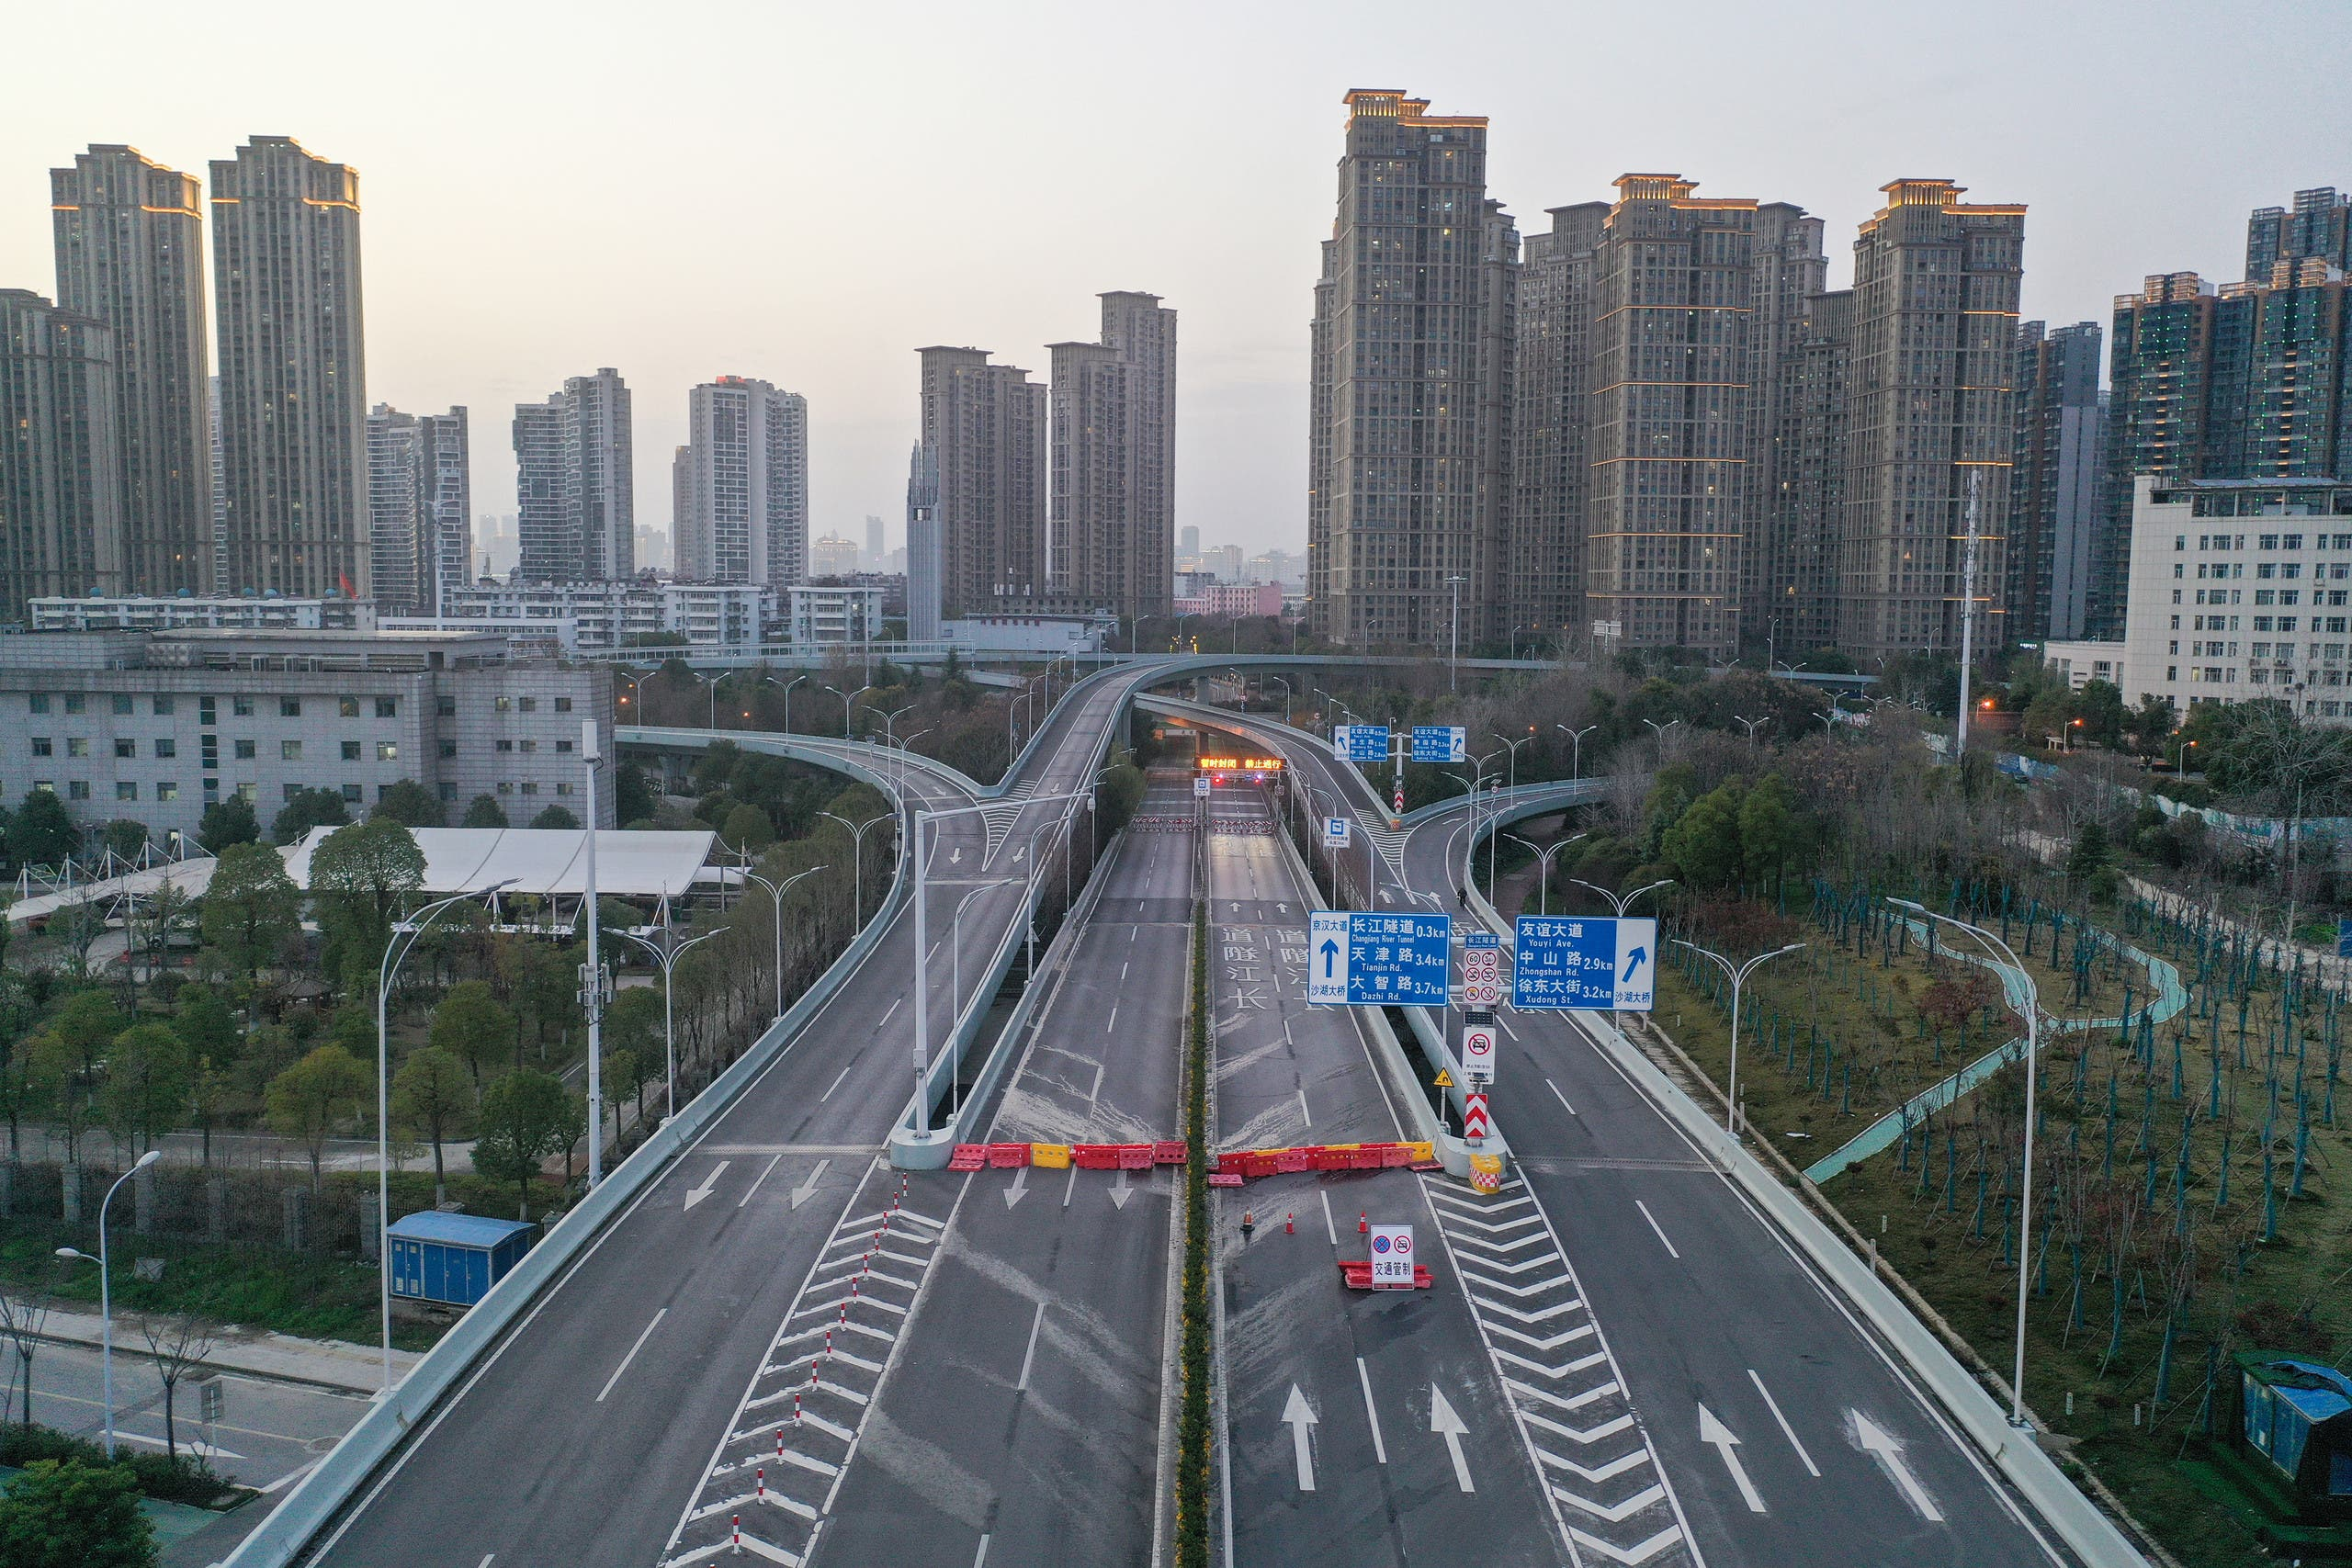 من ووهان الصينية (أرشيفية- فرانس برس)2